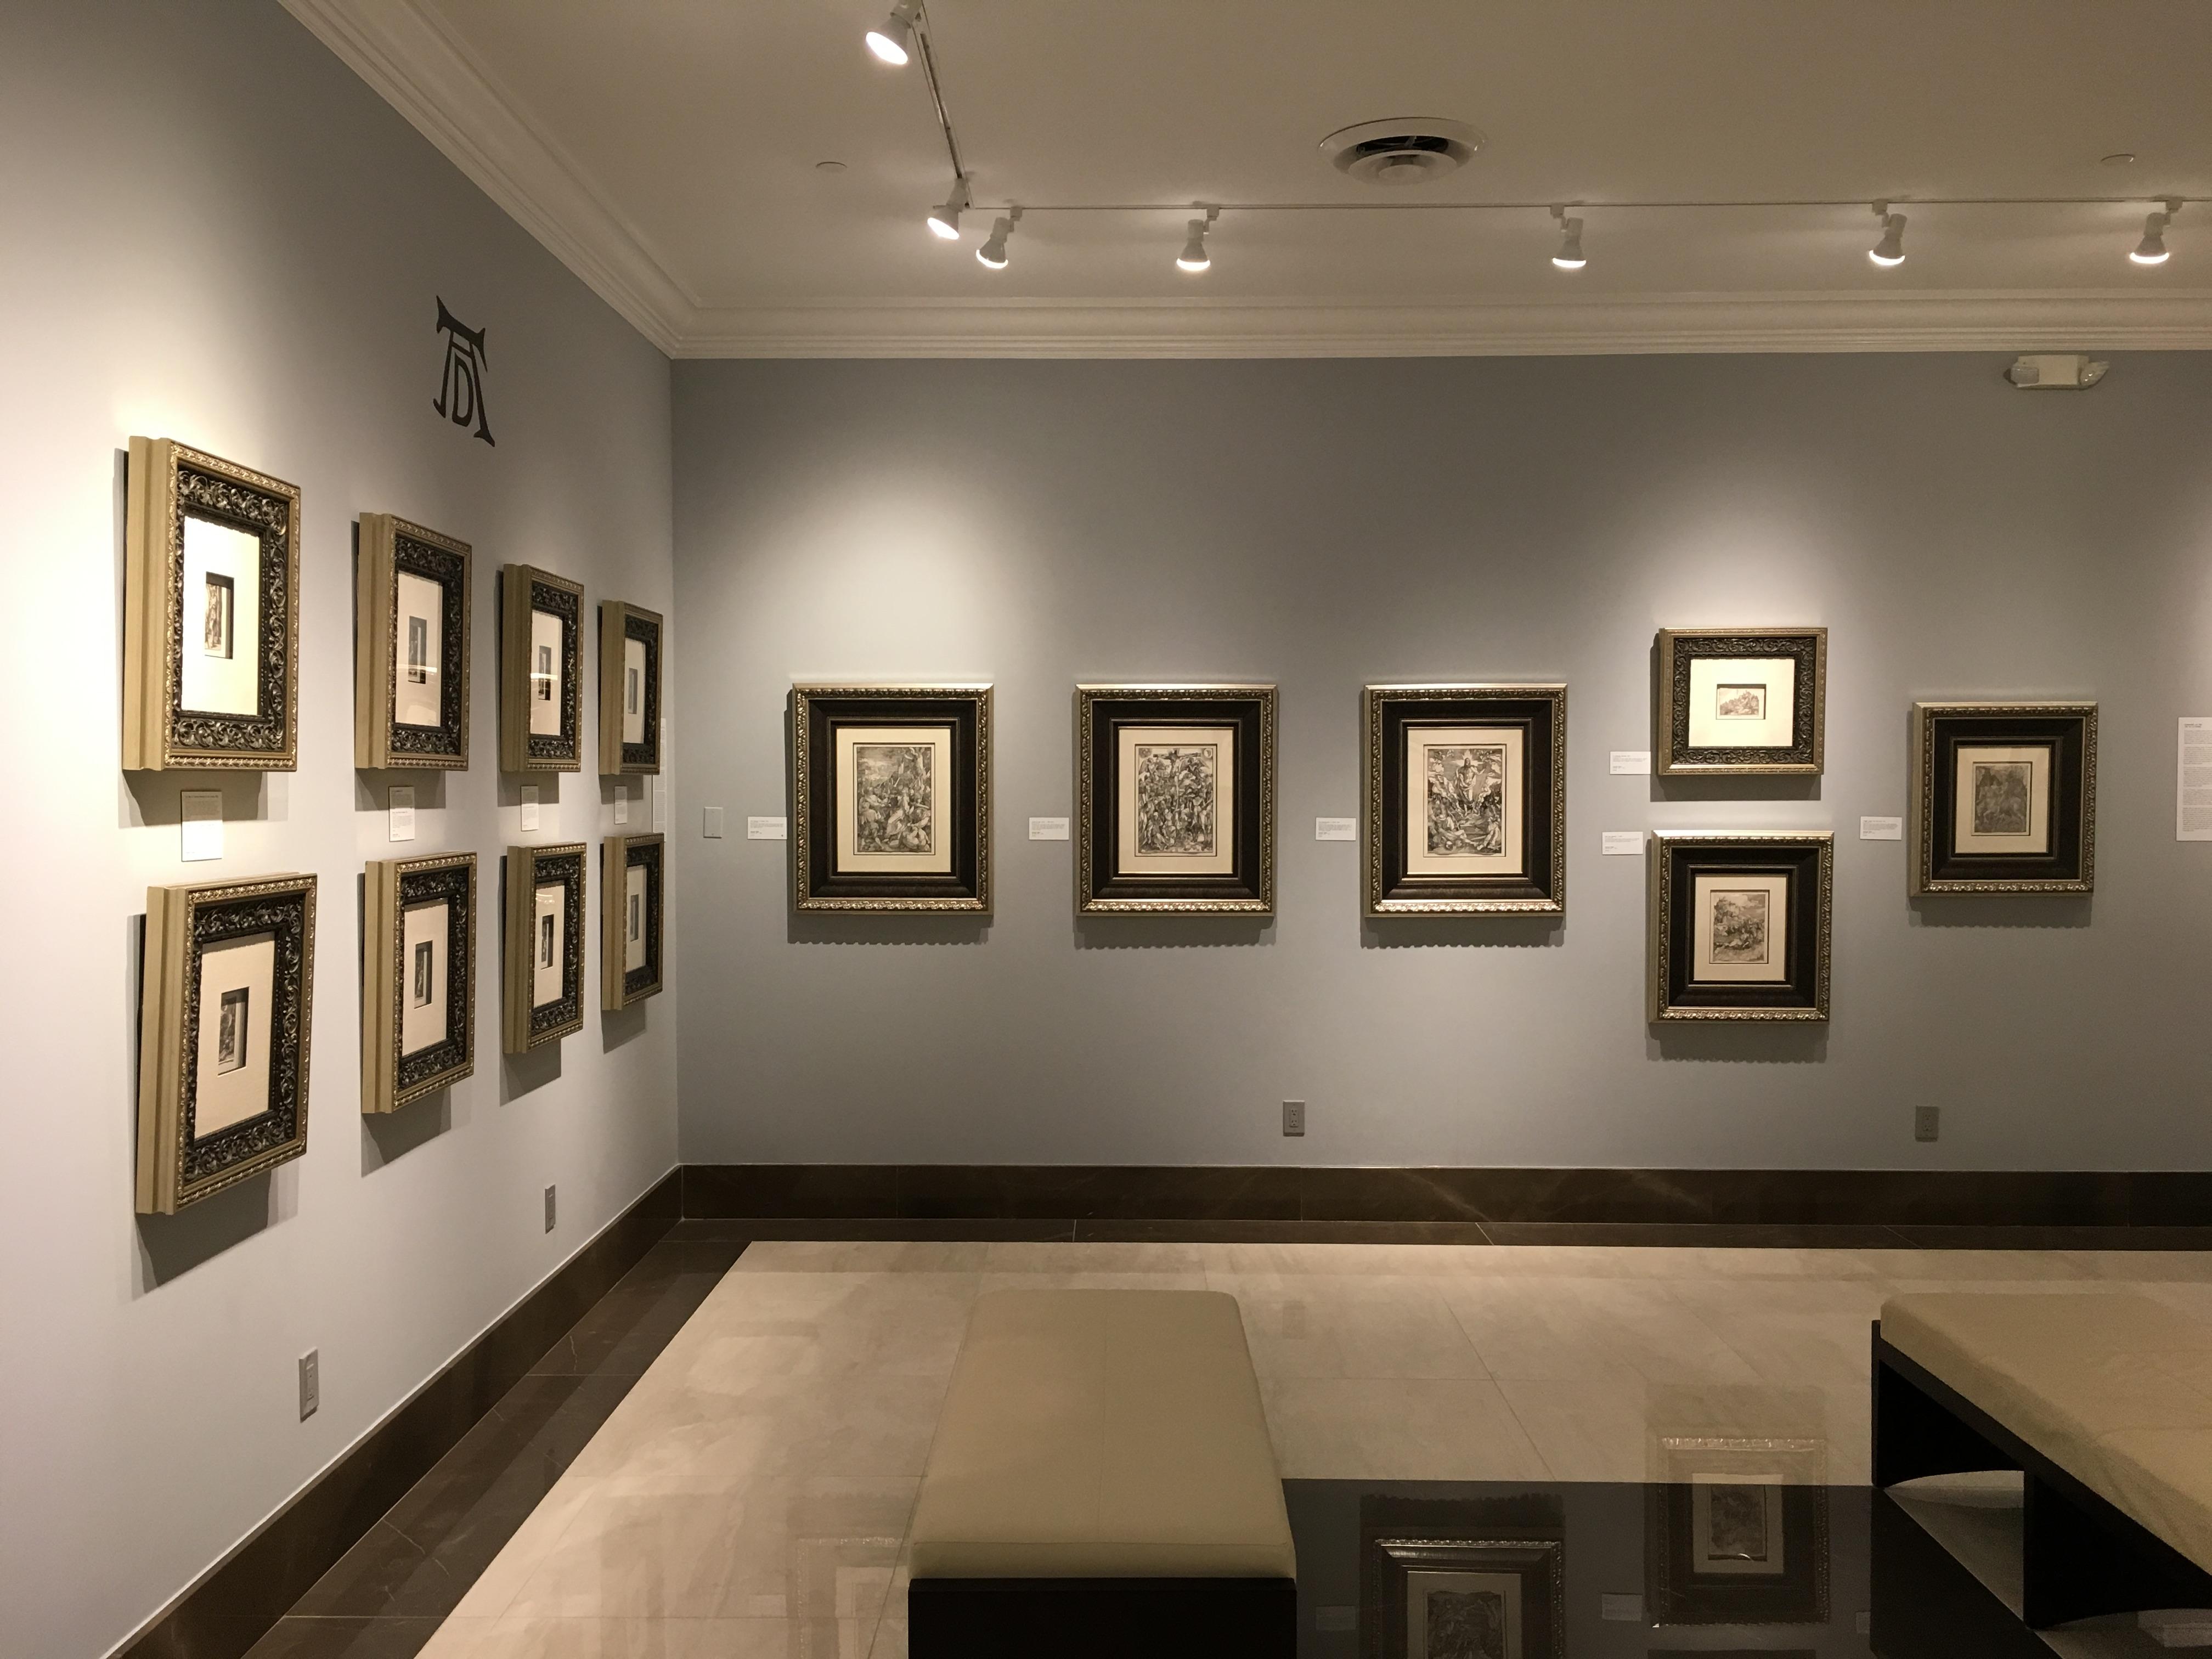 The Albrecht Dürer gallery at Park West Museum.